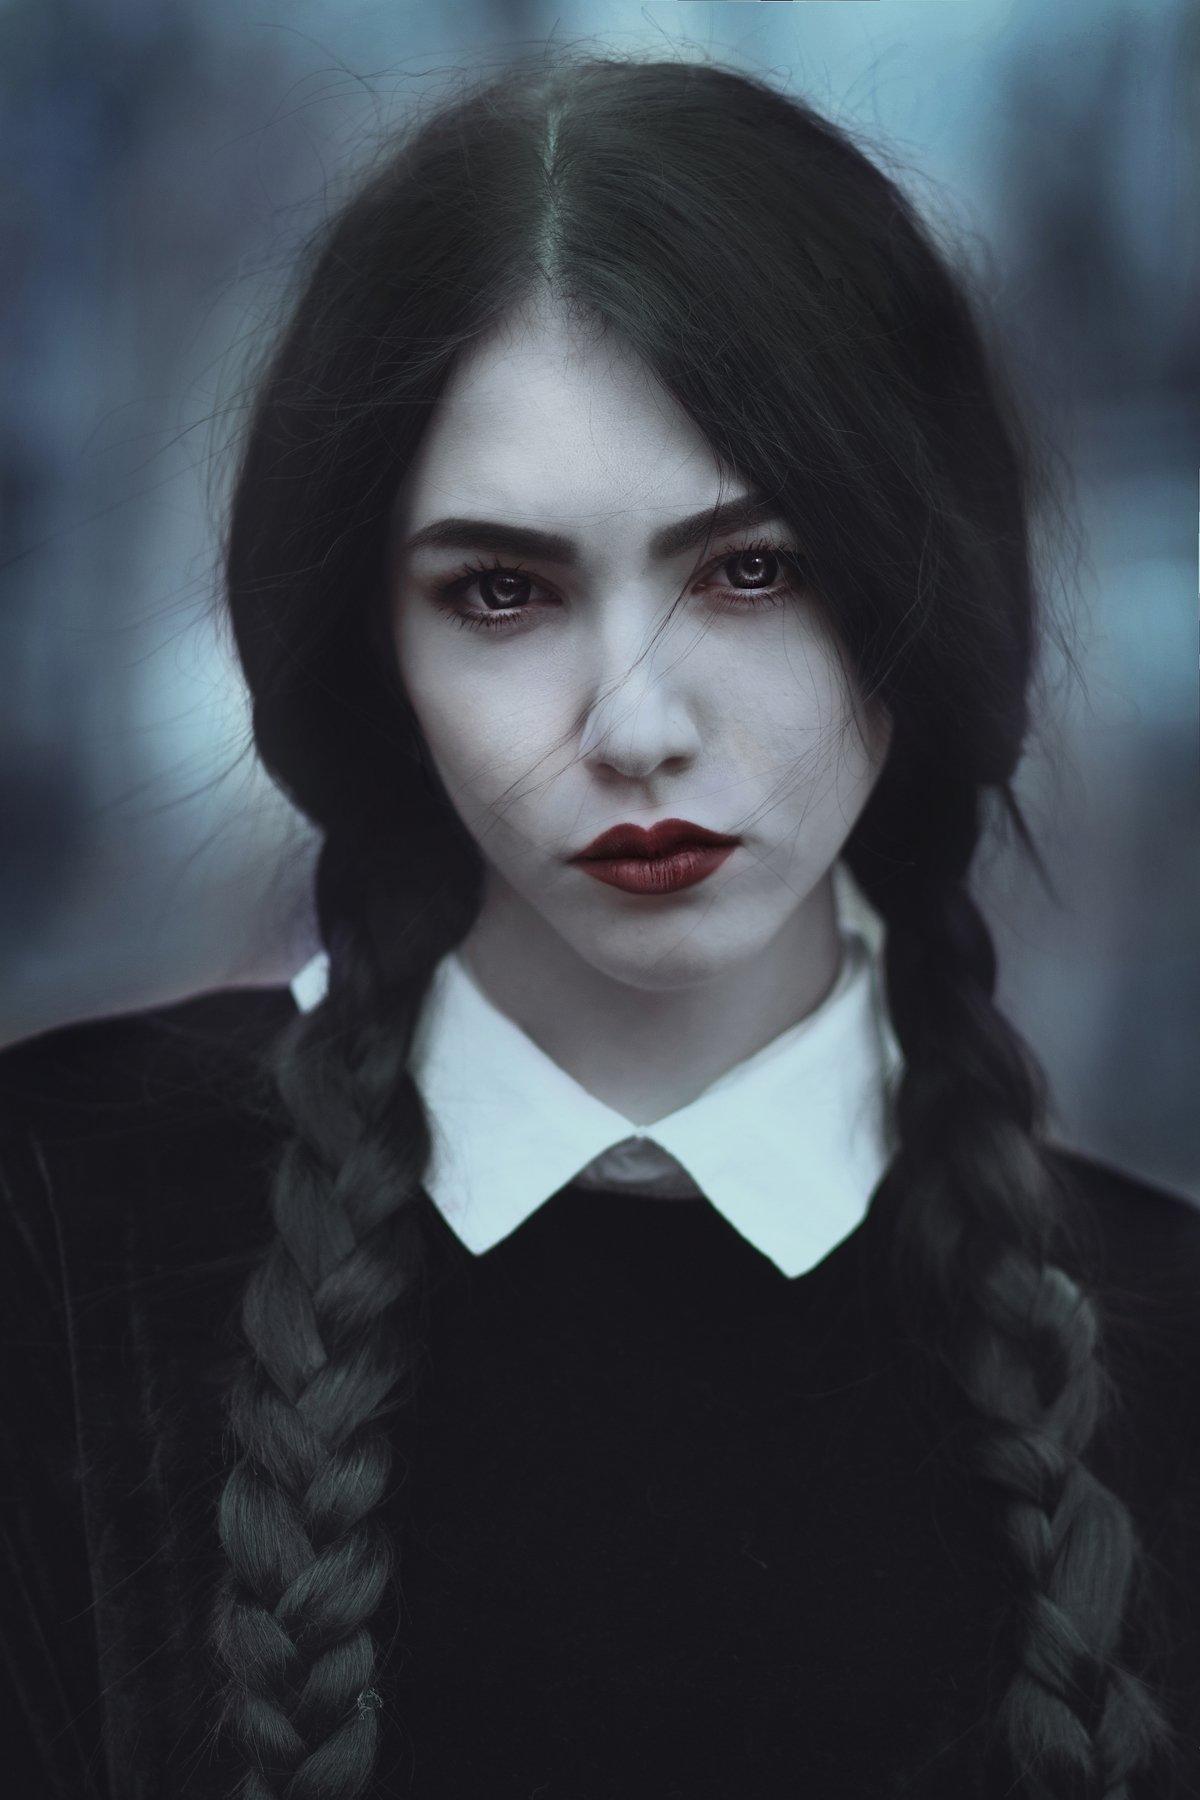 wednesday addams photographer polyanskaya elena